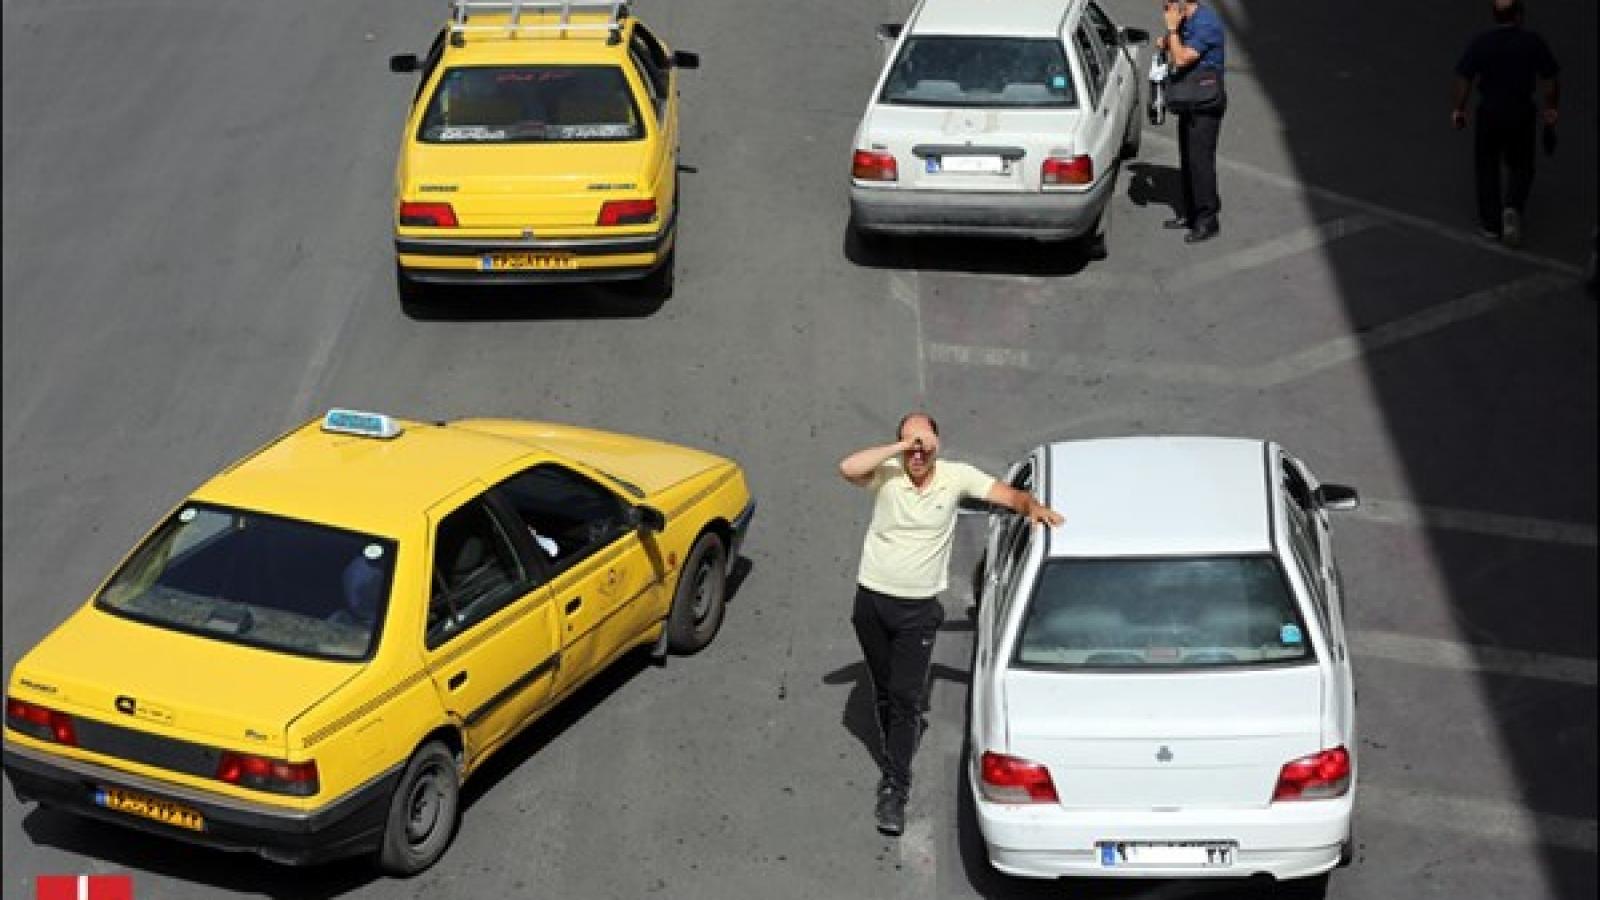 اجرای طرح برخورد با مسافربرهای شخصی - اجاره خودرو طباطبایی